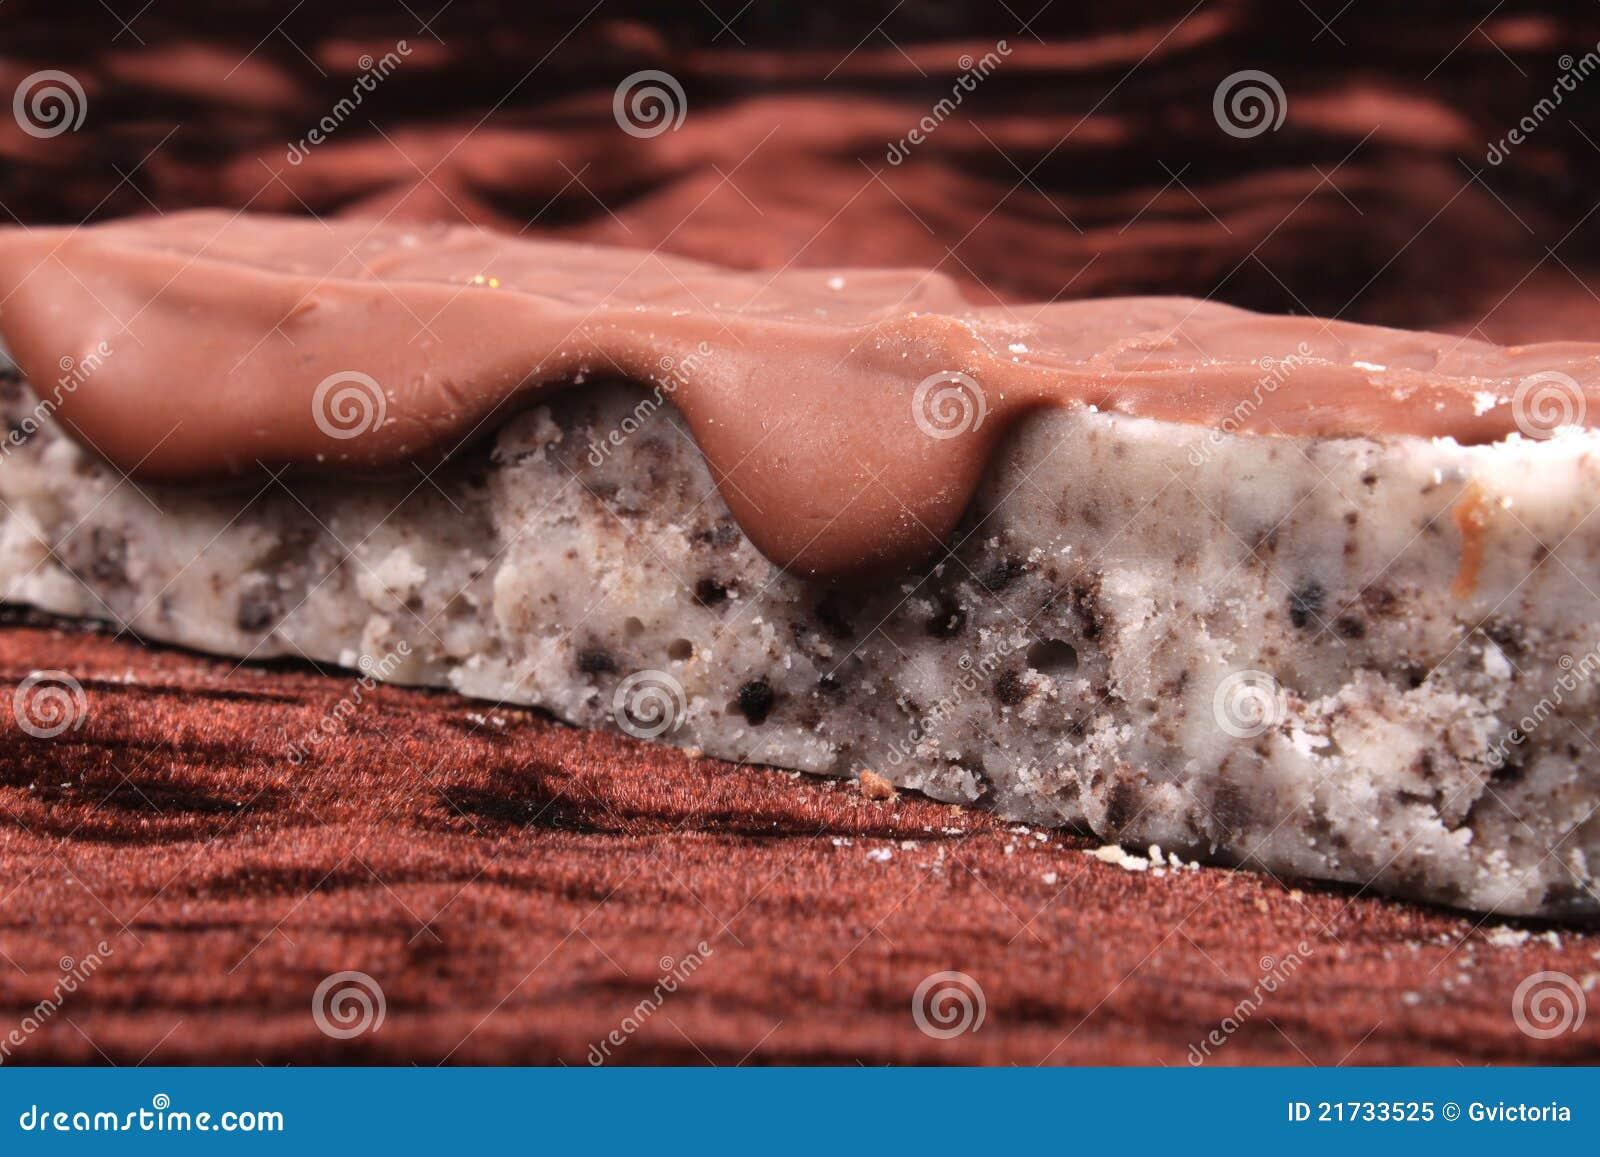 曲奇饼碎屑乳脂软糖